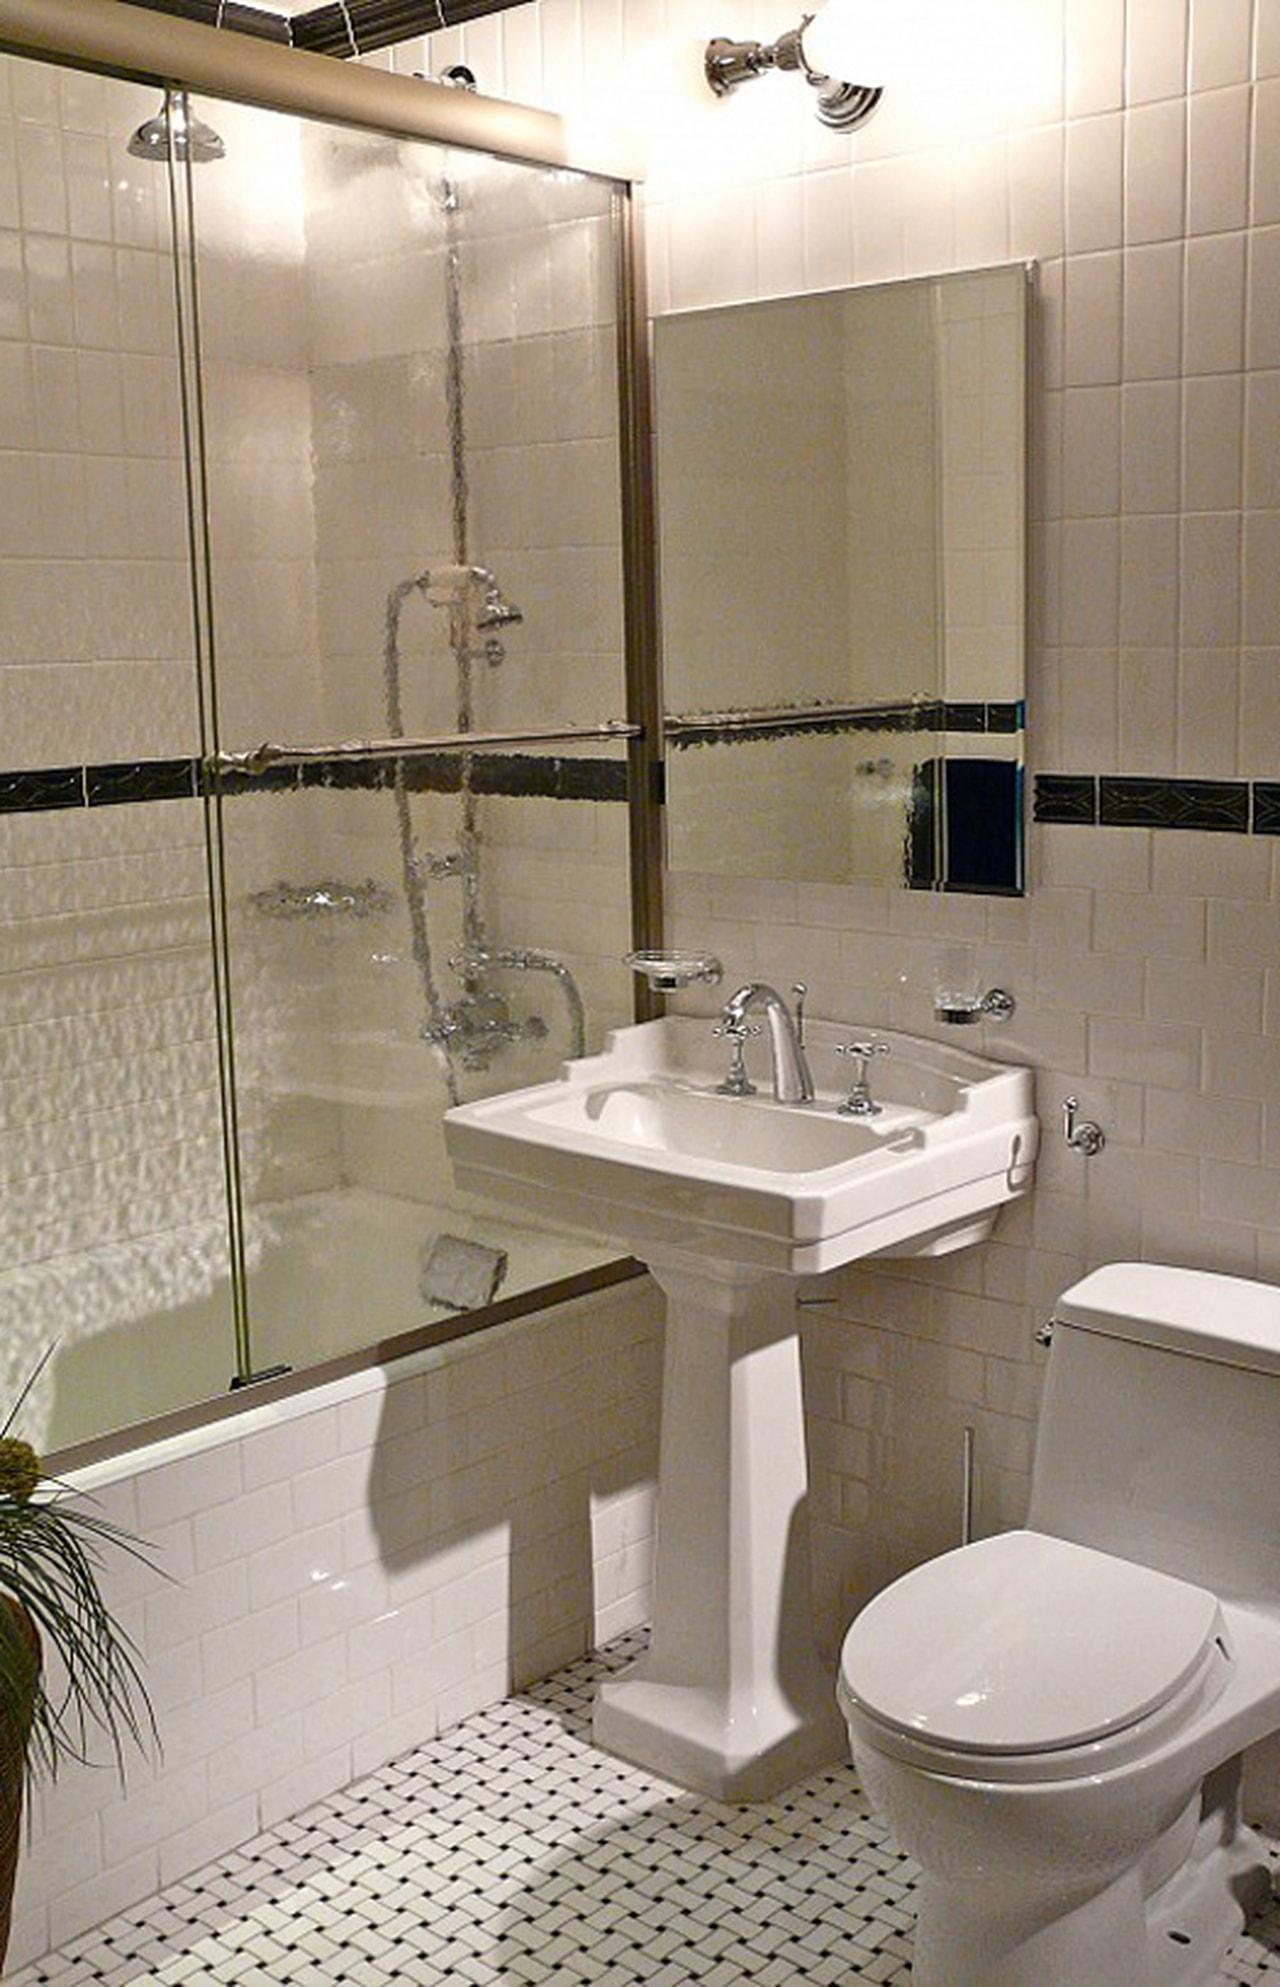 بالصور ديكور حمامات منازل , ديكورات تناسب جميع مساحات الحمامات 3254 13